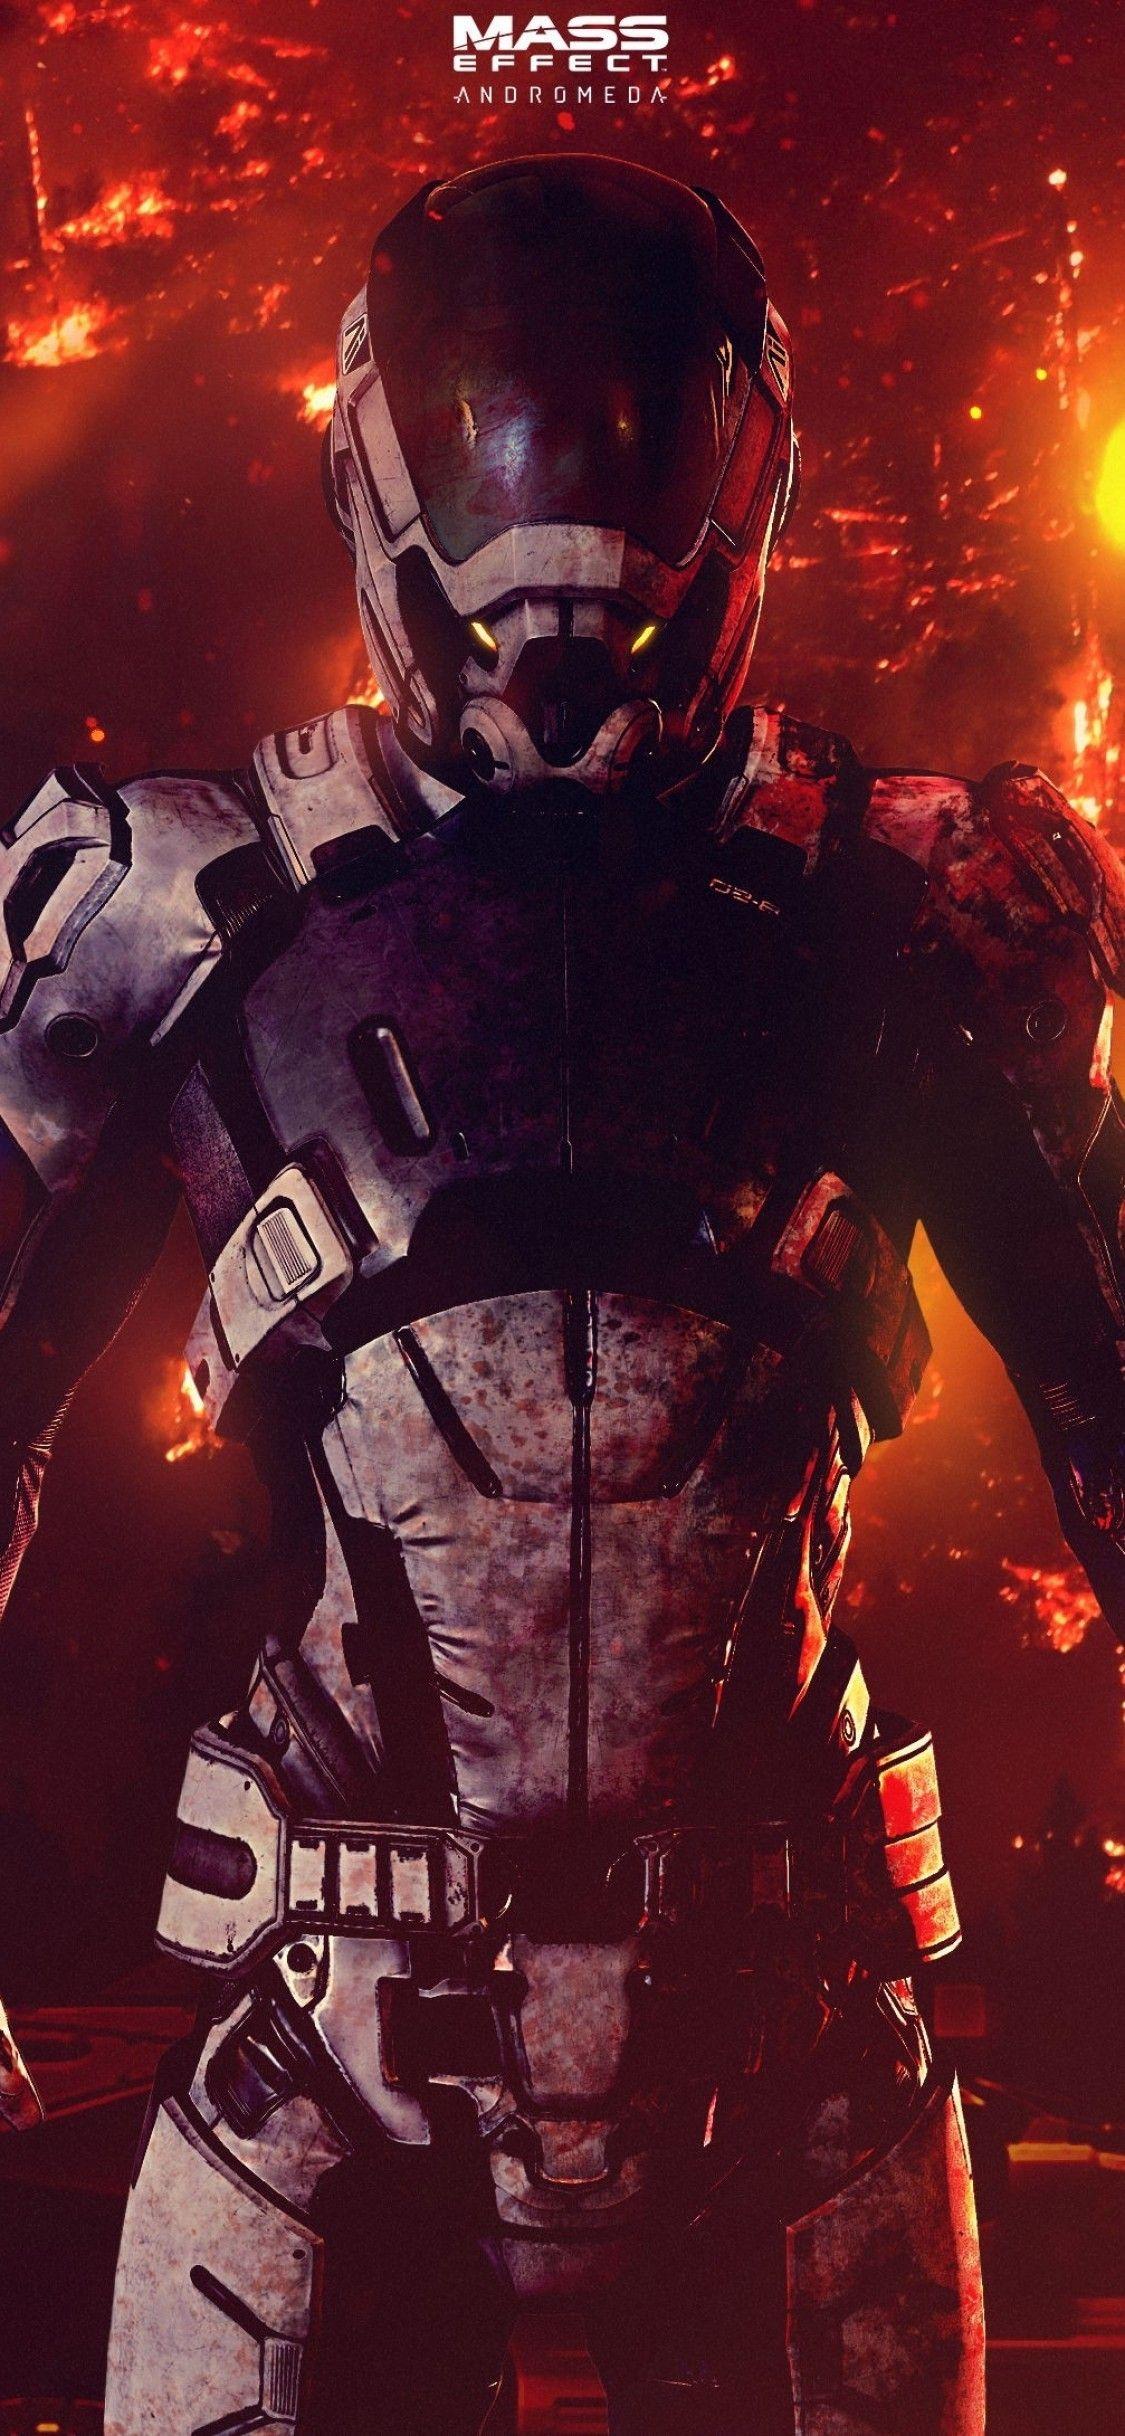 Mass Effect Iphone X Wallpaper, More at https//docfest